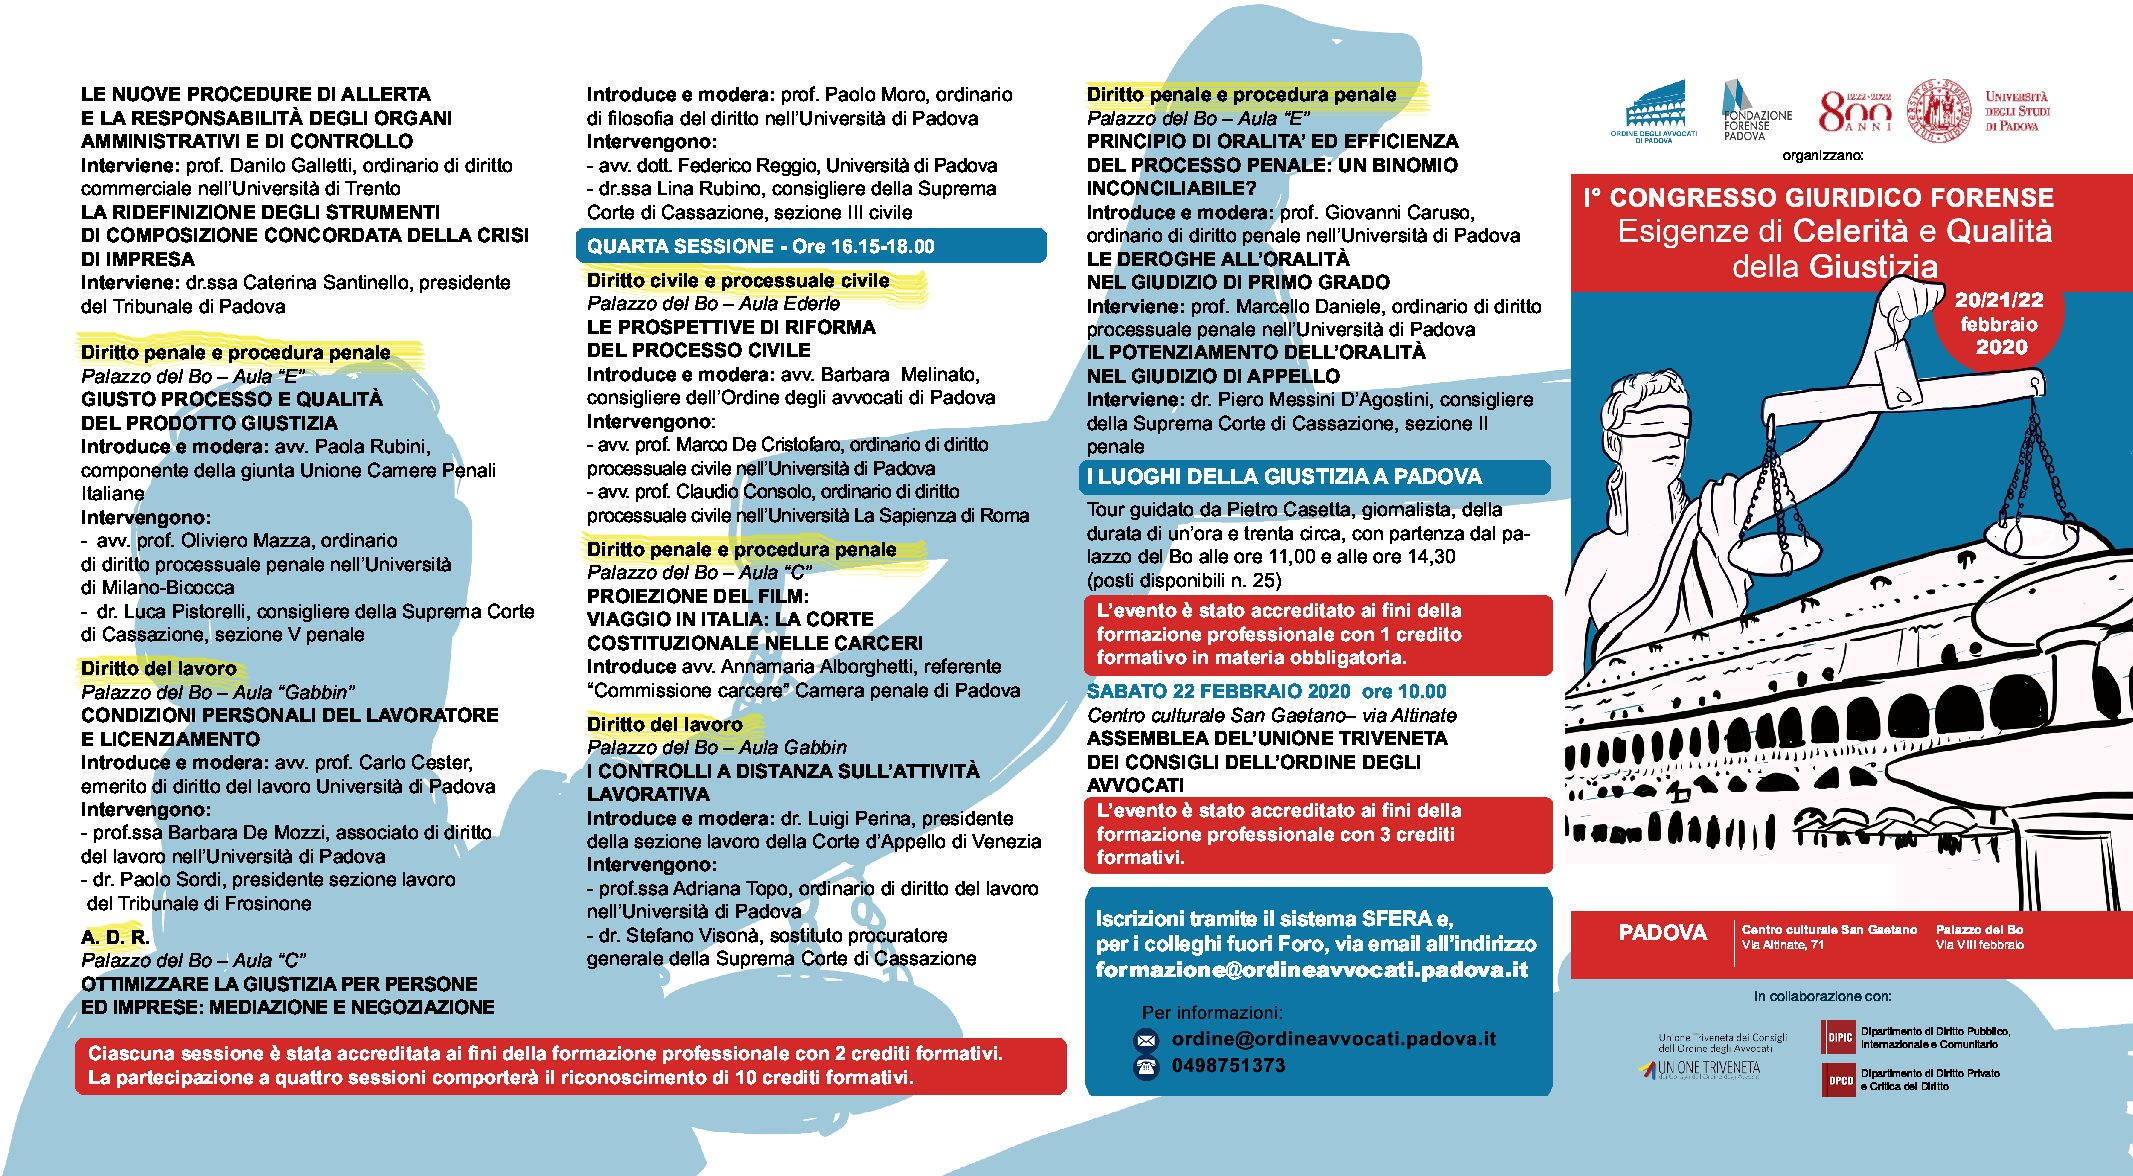 I° Congresso Giuridico Forense 20-21 e 22-2-2020 Padova Centro Culturale San Gaetano e Palazzo del Bo'